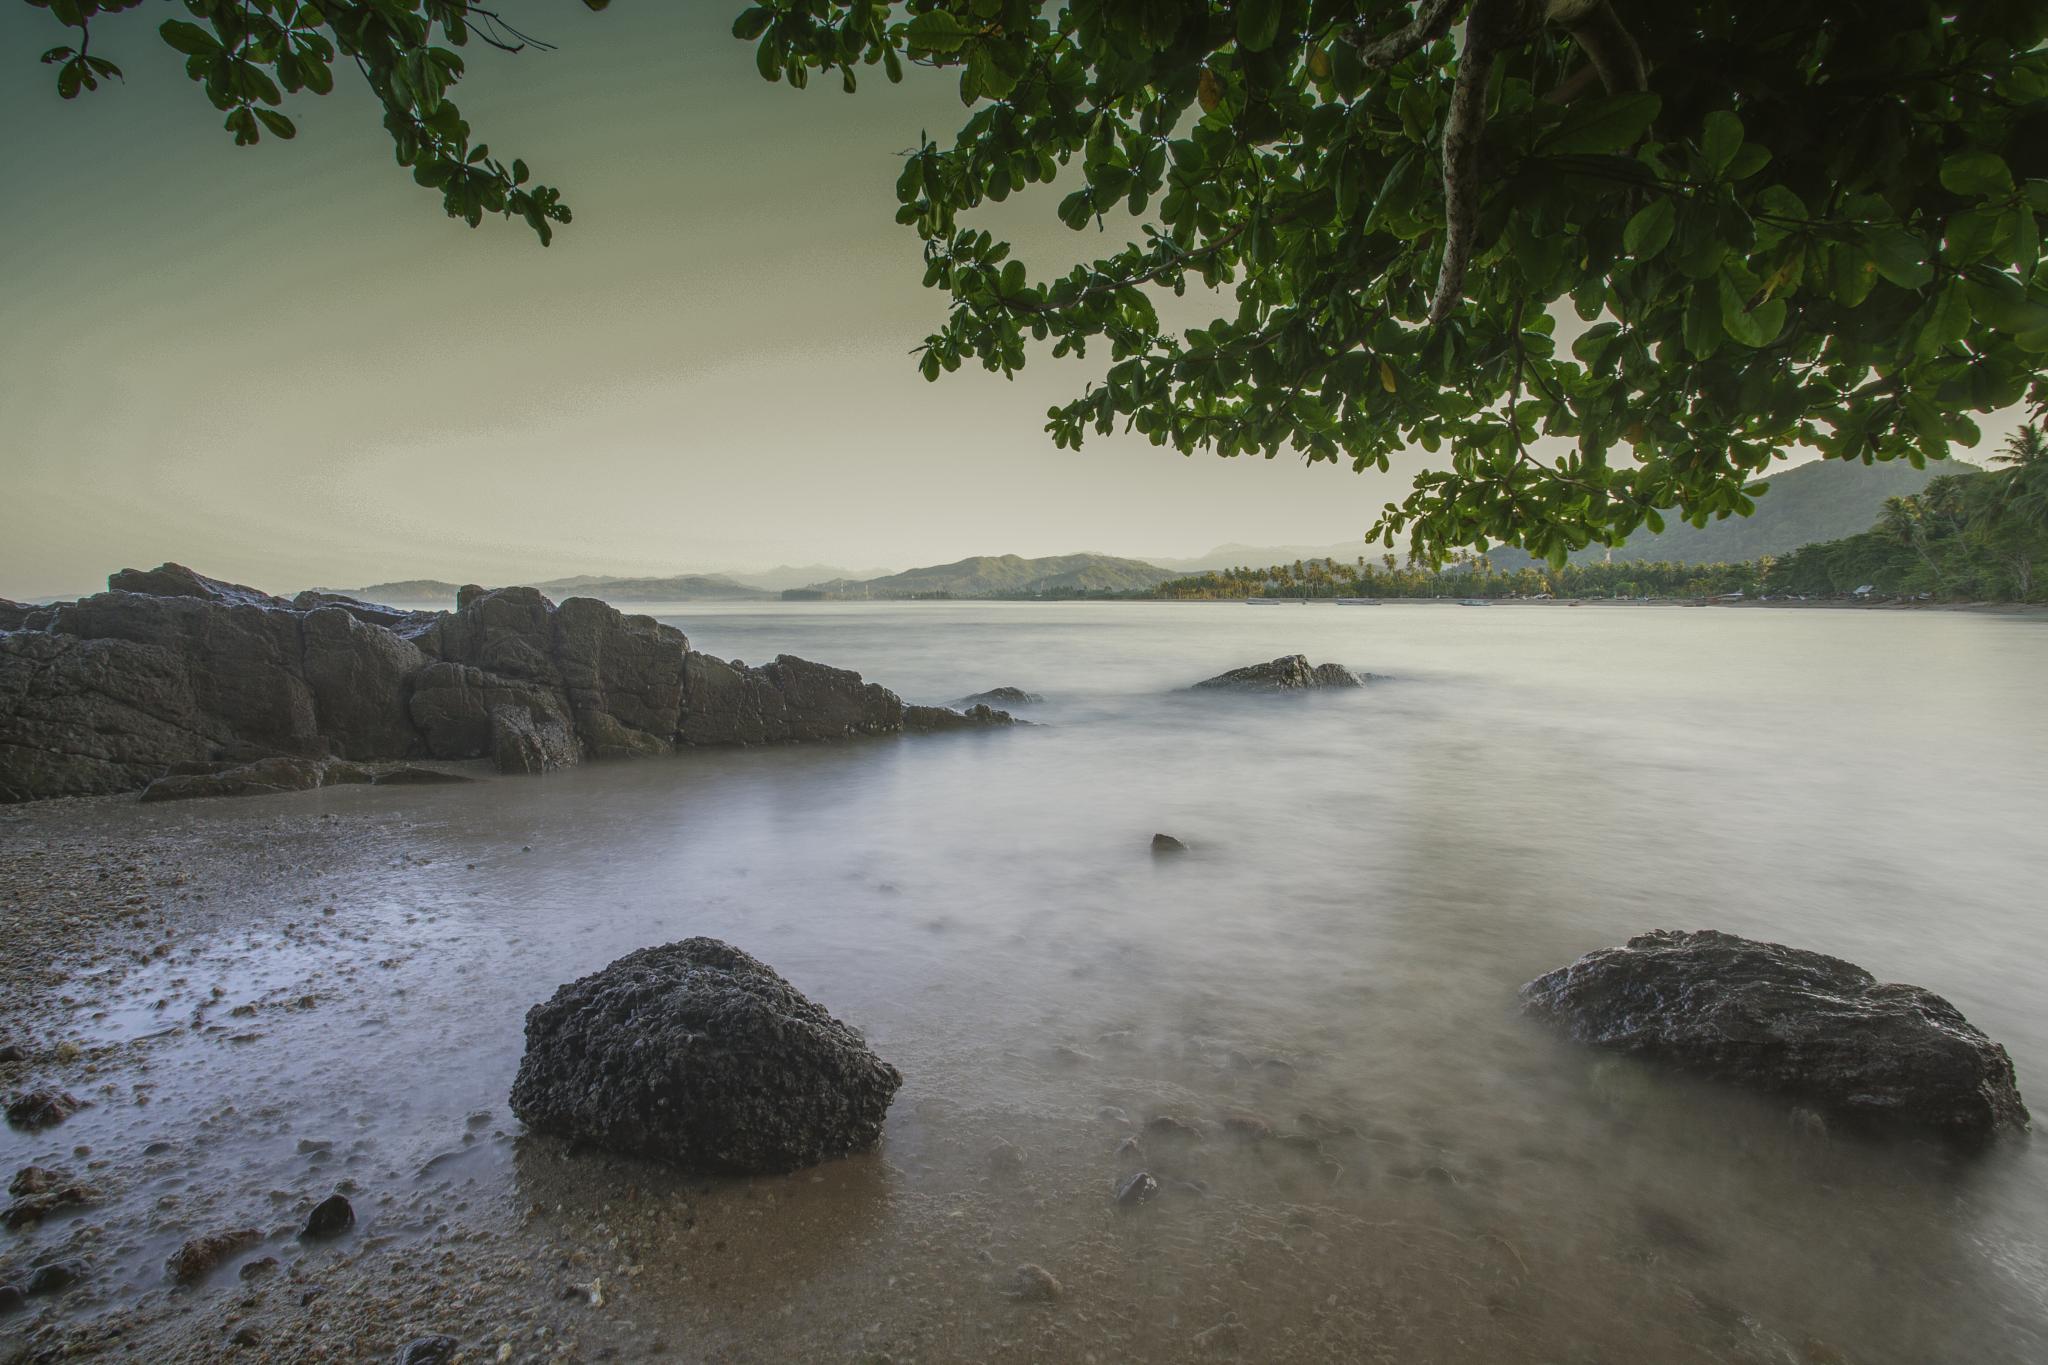 Carocok beach by Syafri Gamal